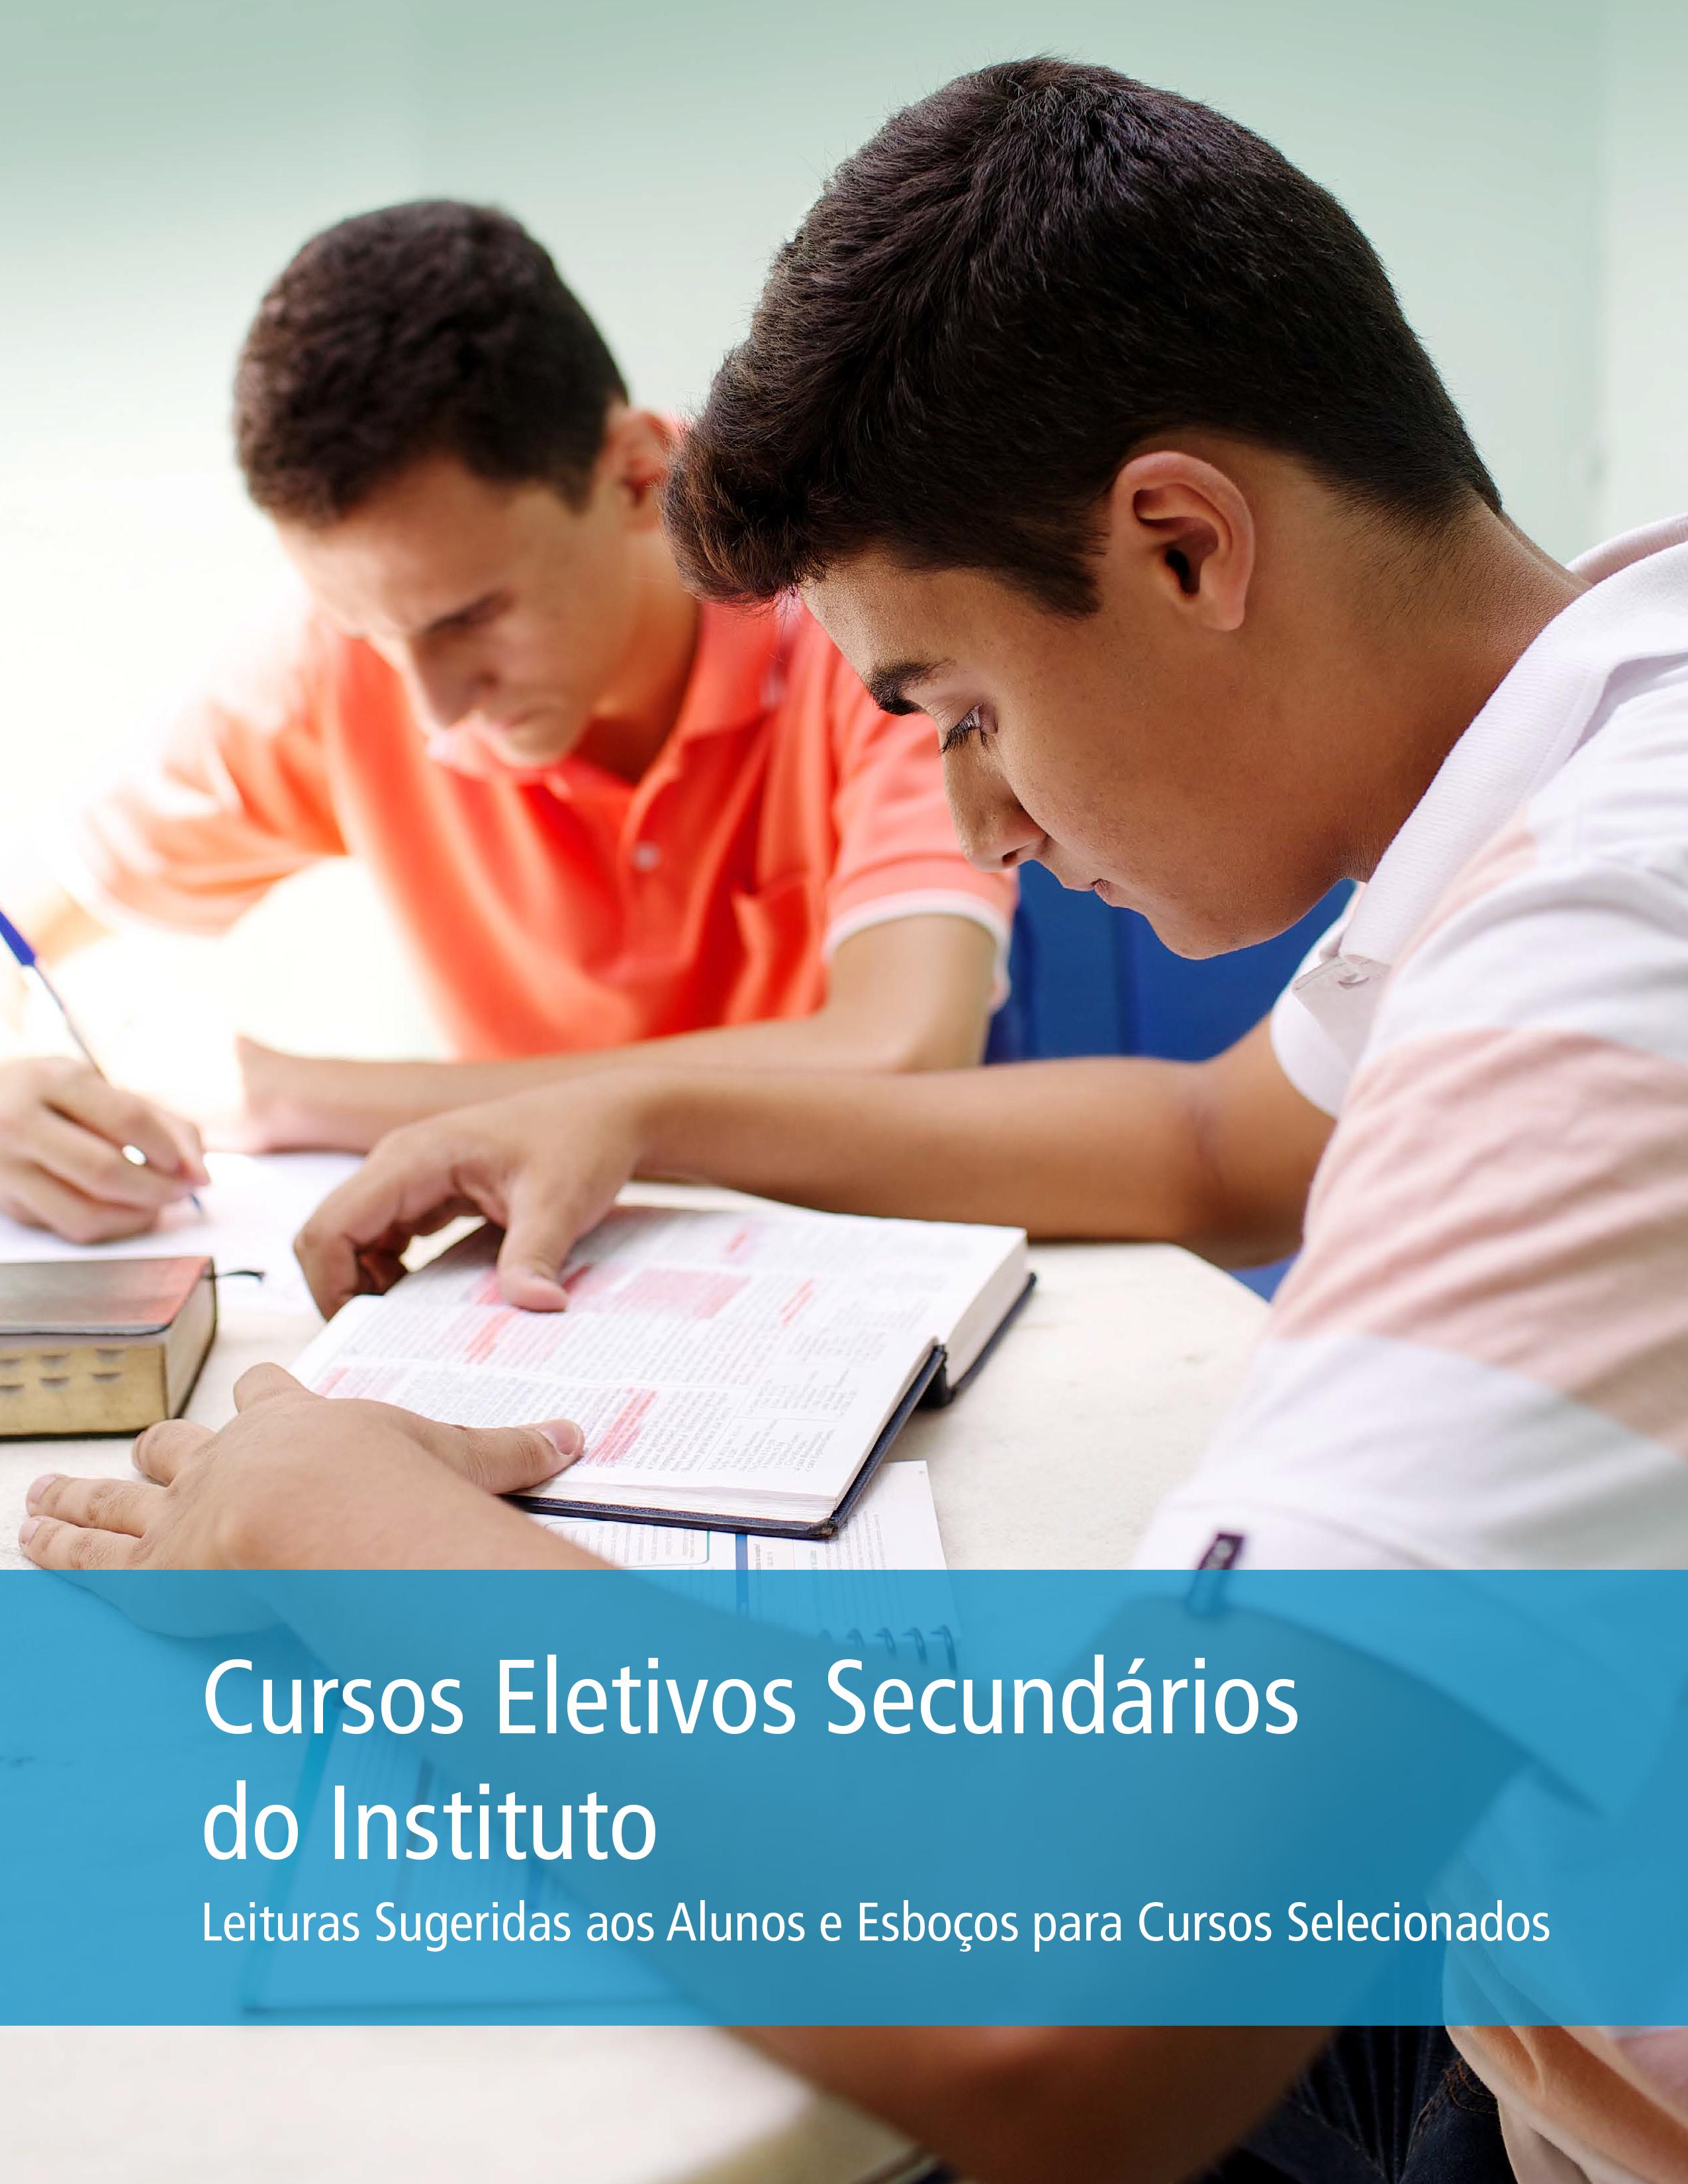 Cursos Eletivos Secundários do Instituto — Leituras para os Alunos